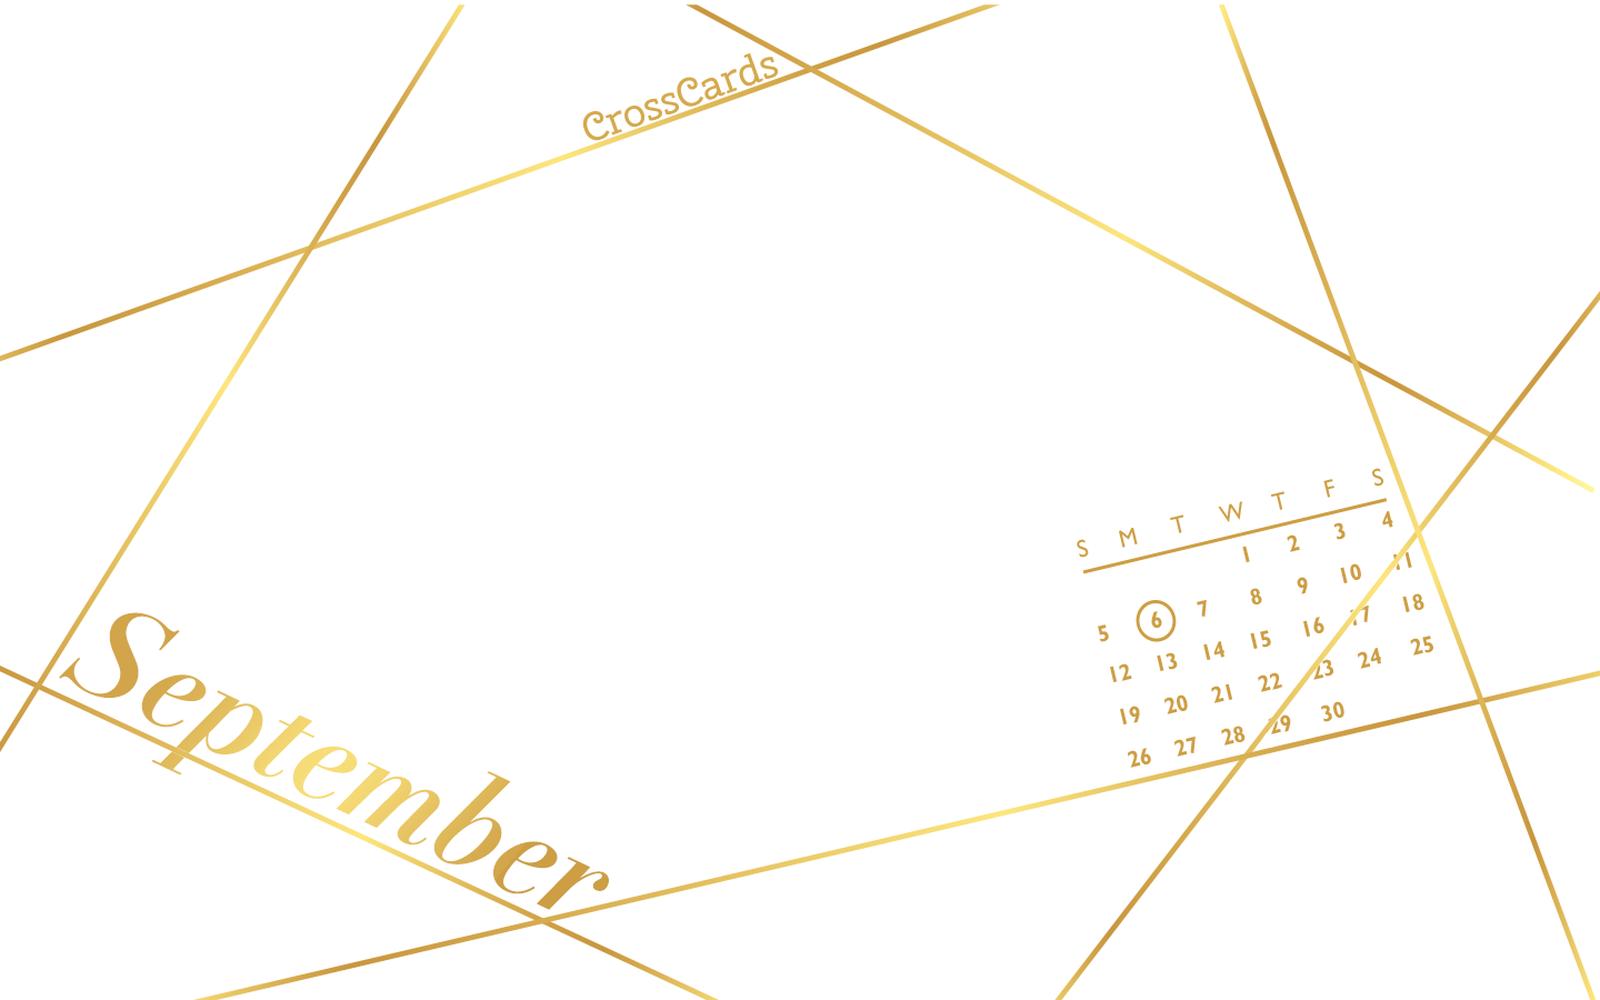 September 2021 - Geometric mobile phone wallpaper